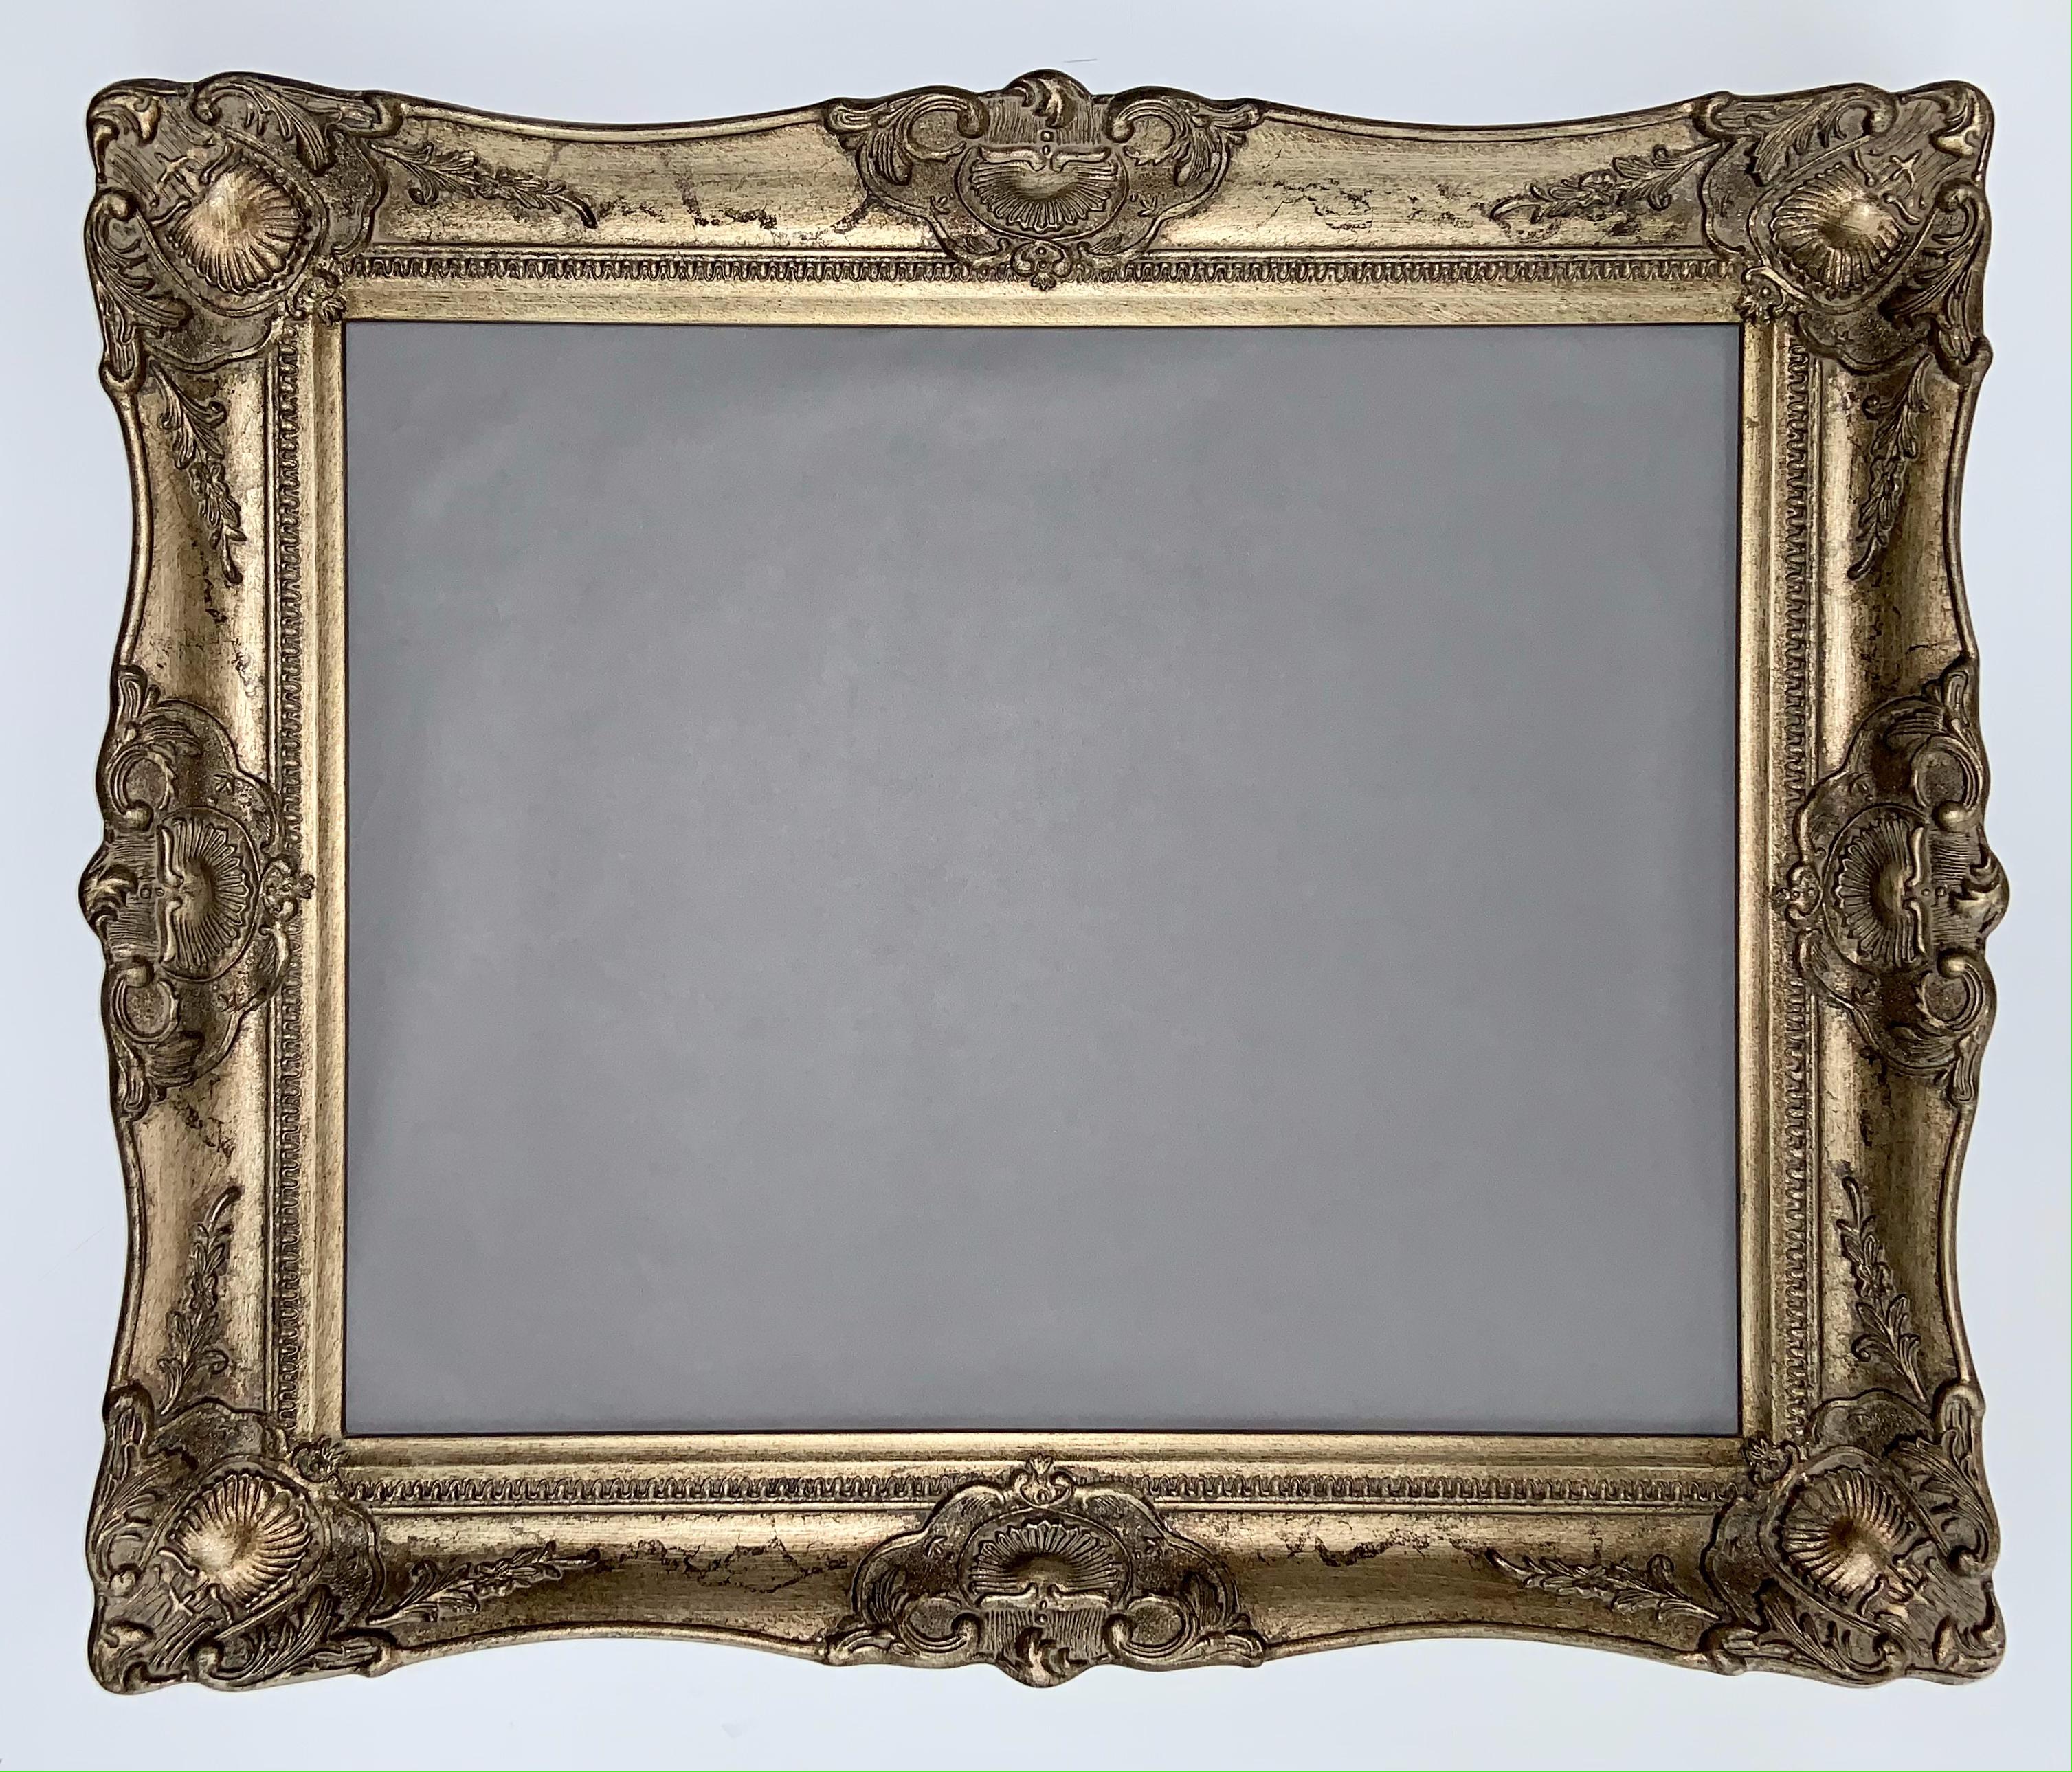 Gold mirror horizonal